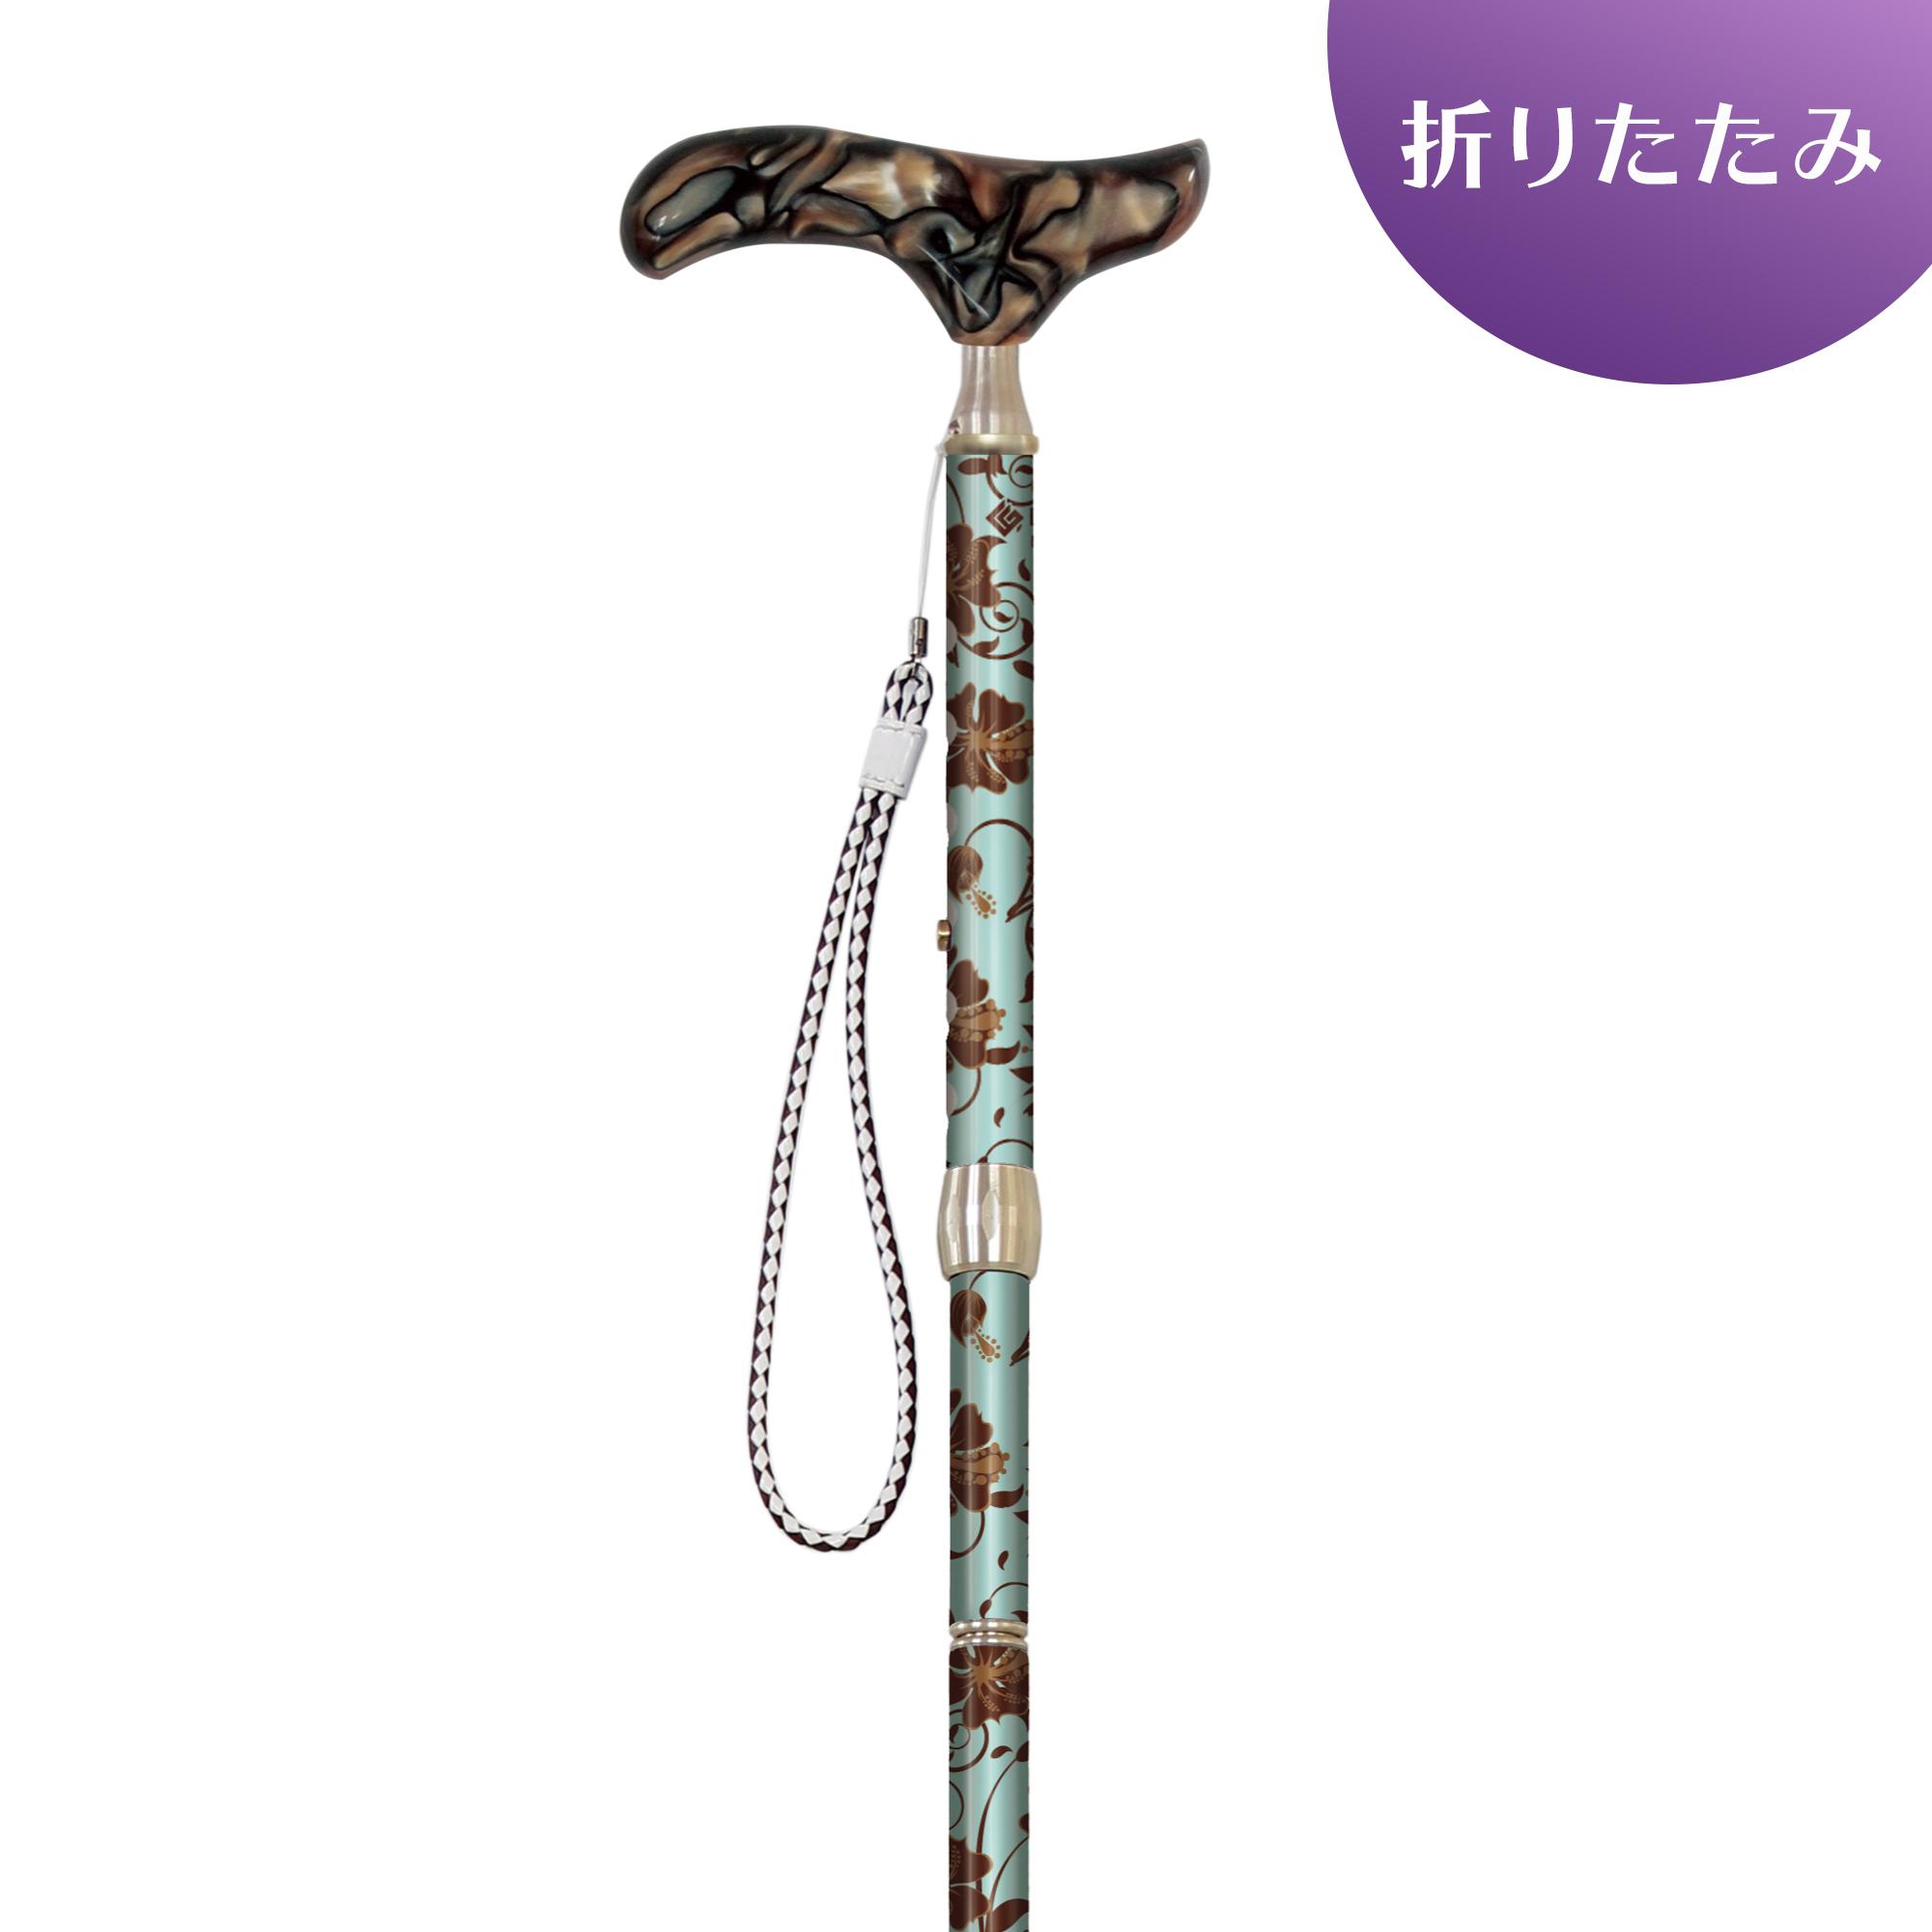 4段折畳式伸縮杖シナノ グランドカイノス ドンナ(アルストロメリア)